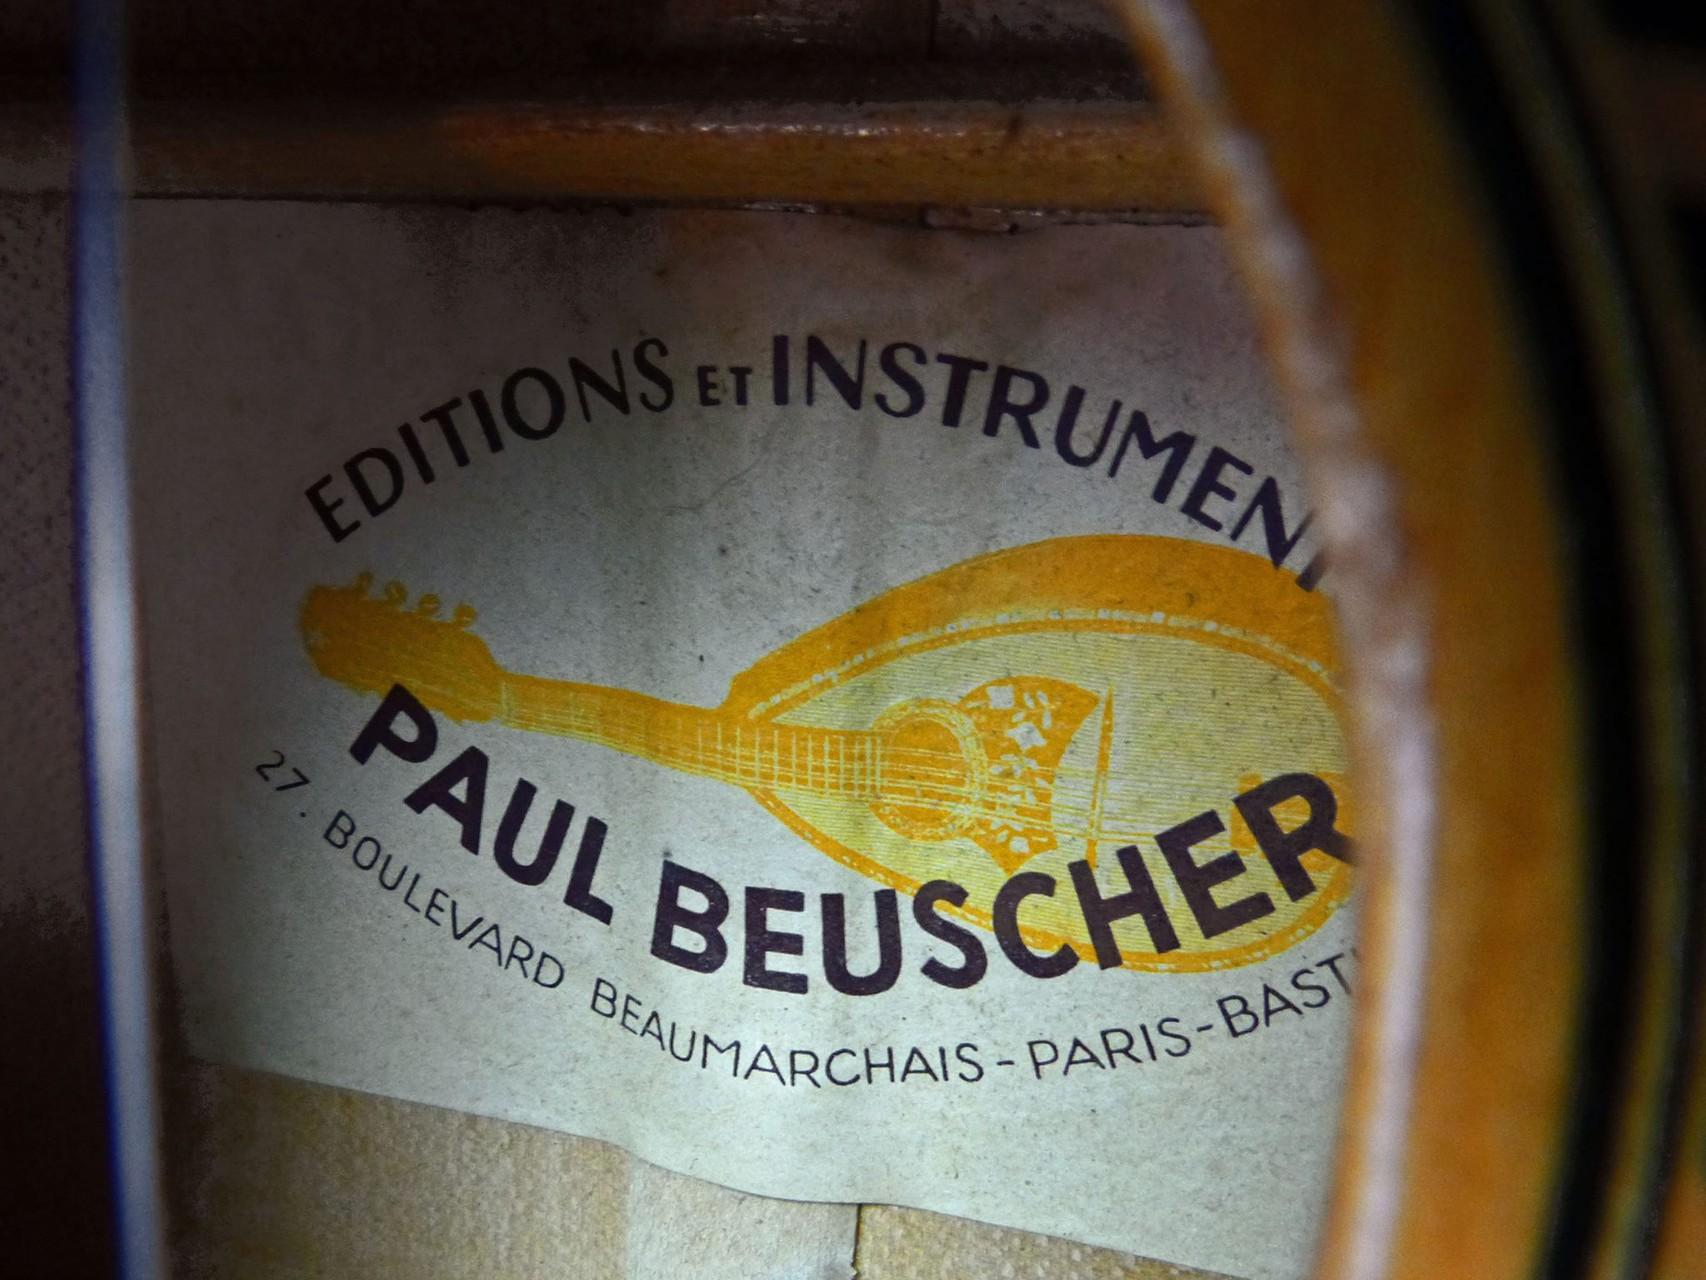 ca. 1940 Guitarra Paul Beuscher